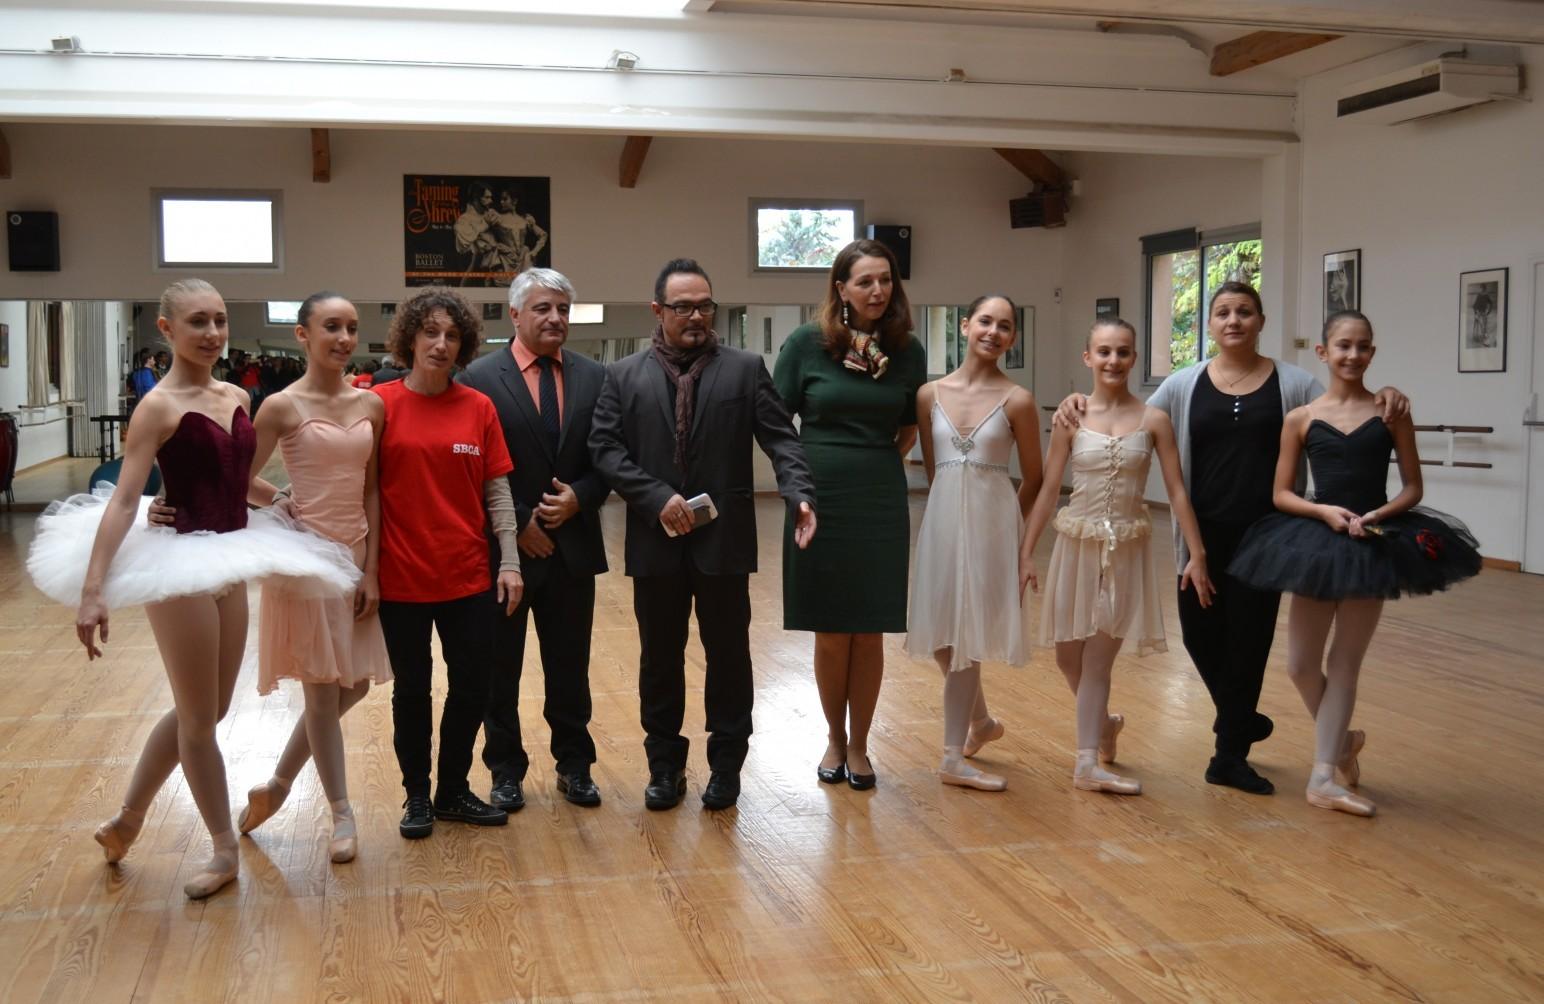 Elus, danseurs et professeurs de danse à l'issue de la répétition ©MD